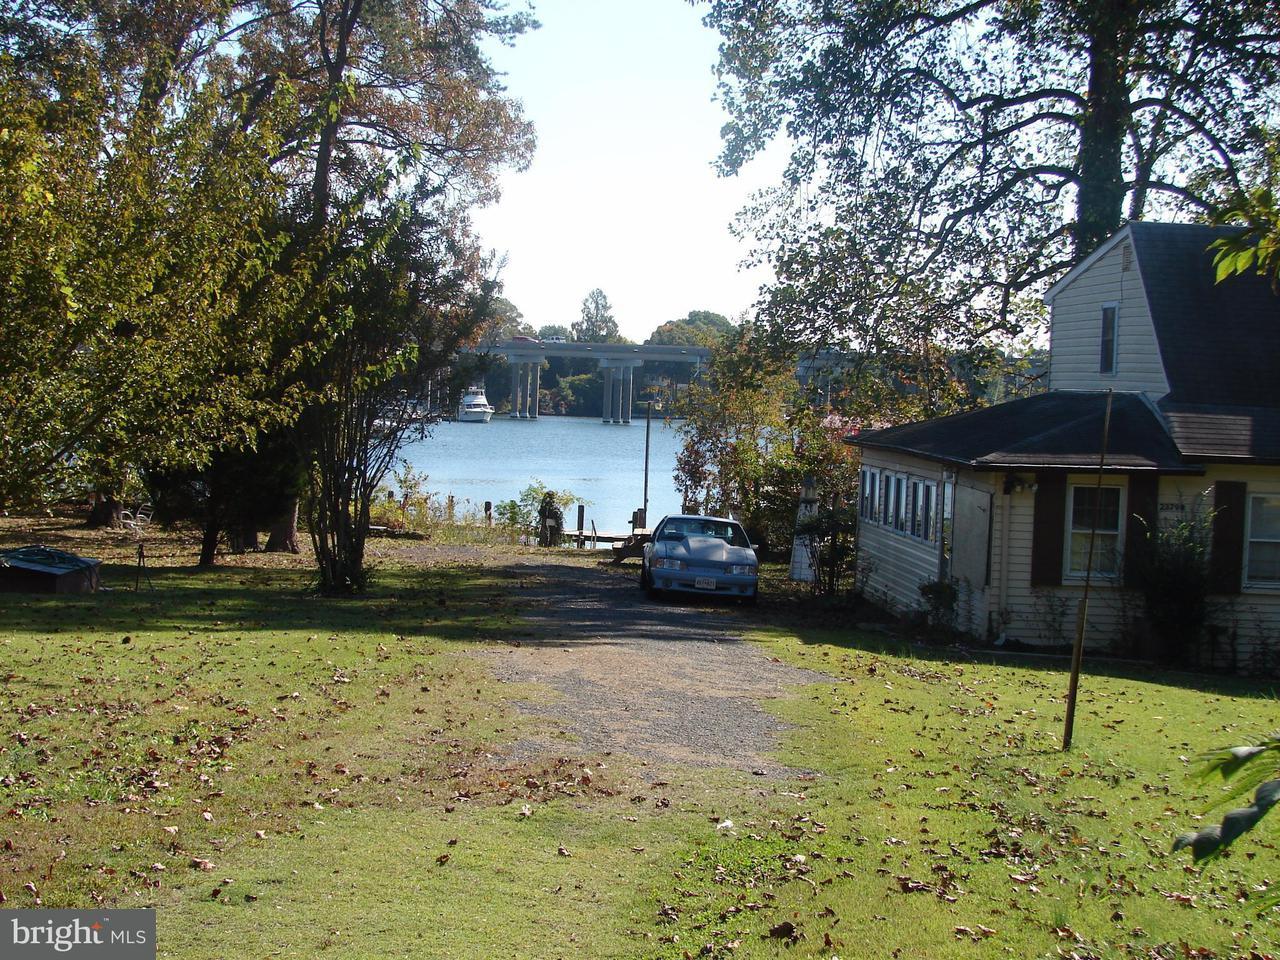 Casa Unifamiliar por un Venta en 23794 ST. CLAIR ROAD 23794 ST. CLAIR ROAD California, Maryland 20619 Estados Unidos